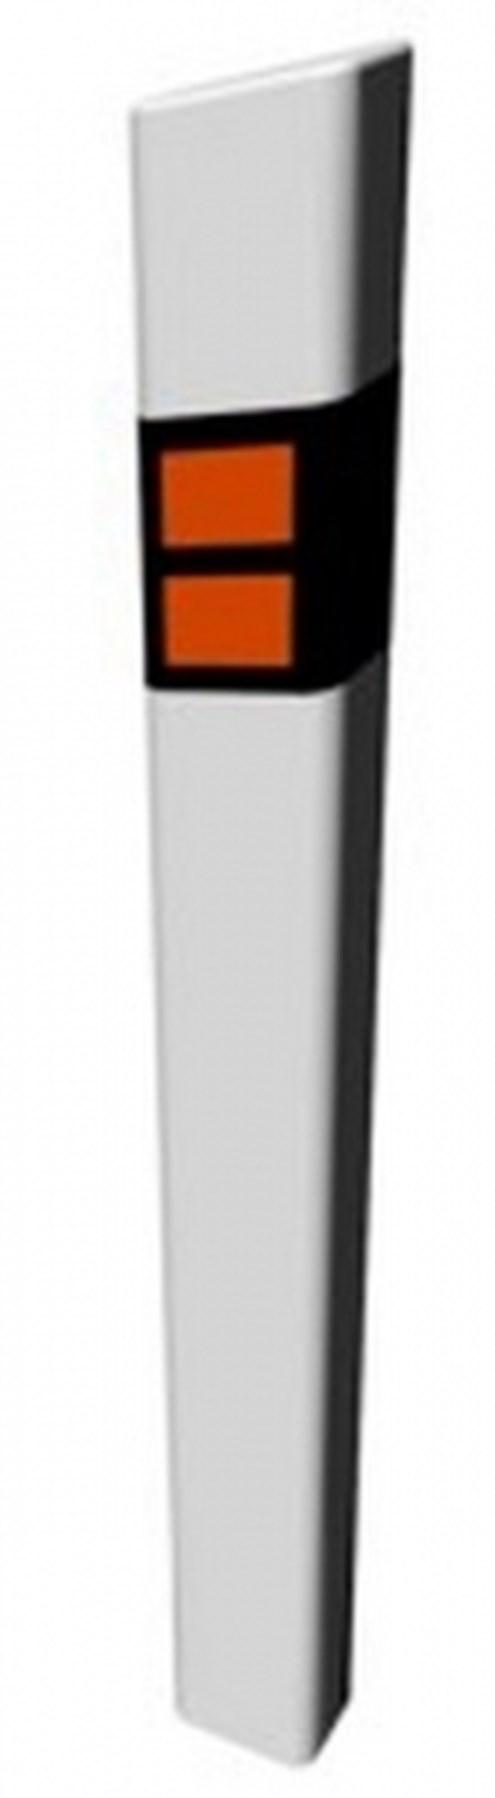 Směrový sloupek Z11 bílý, 1200mm